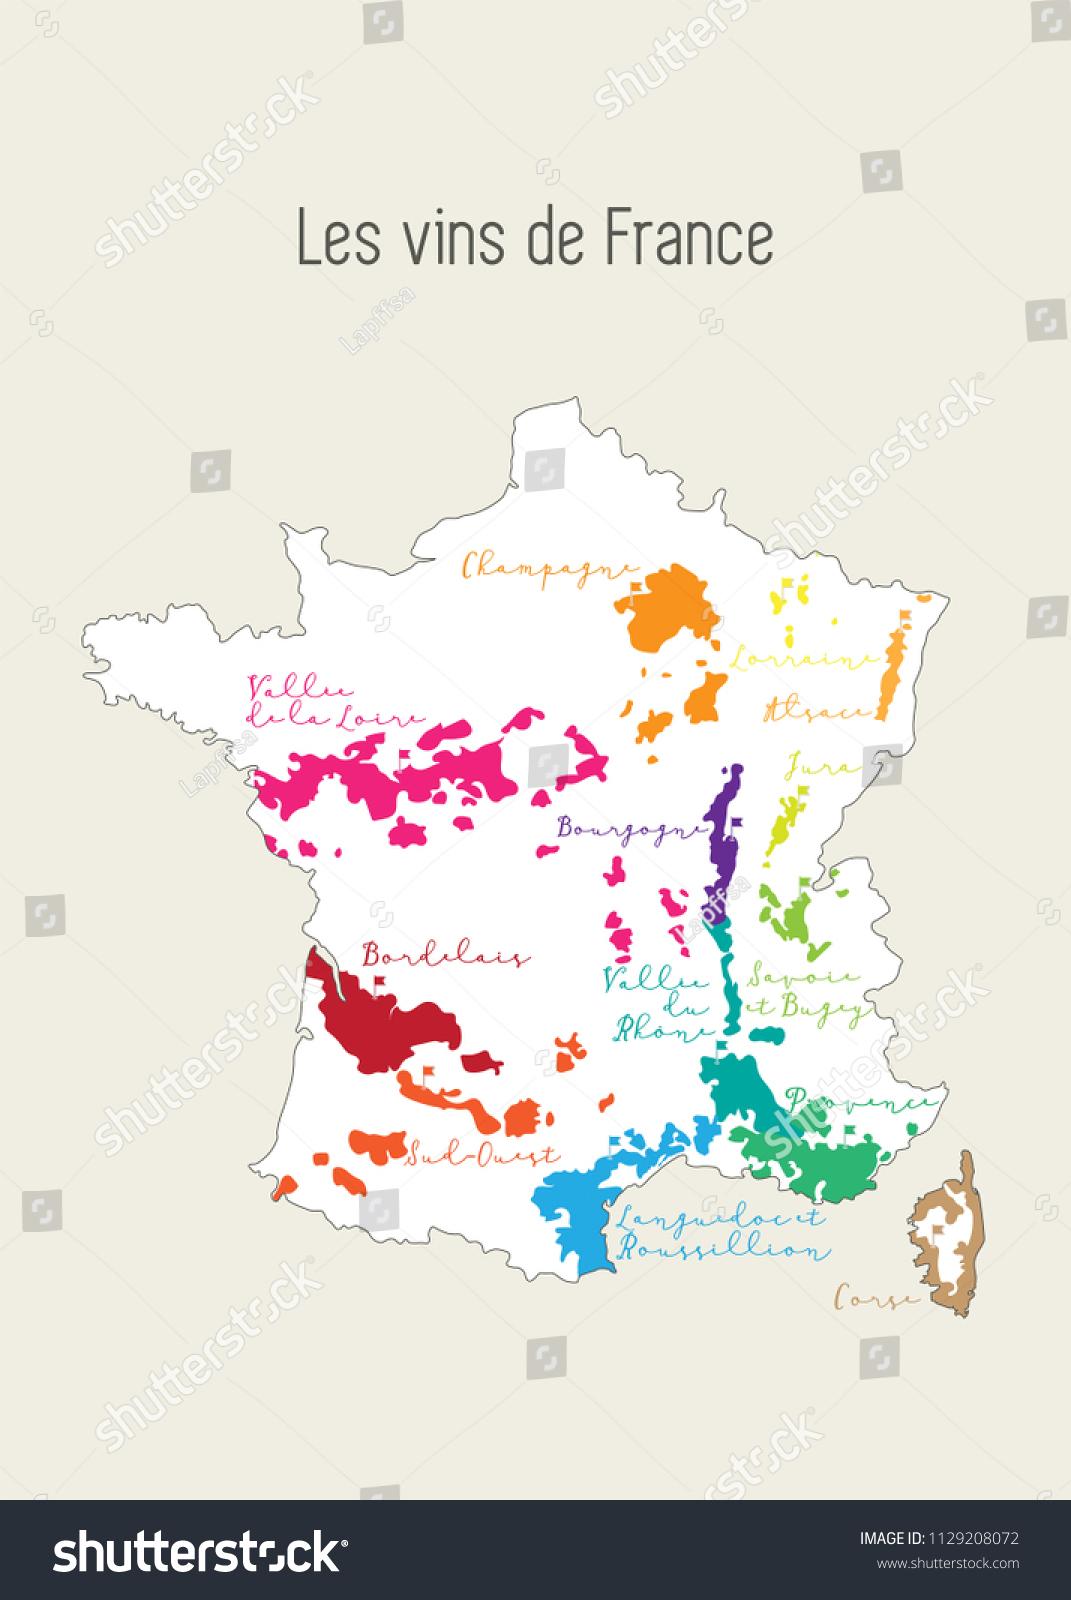 Image Vectorielle De Stock De Carte De La Région Viticole intérieur Carte De France Et Ses Régions